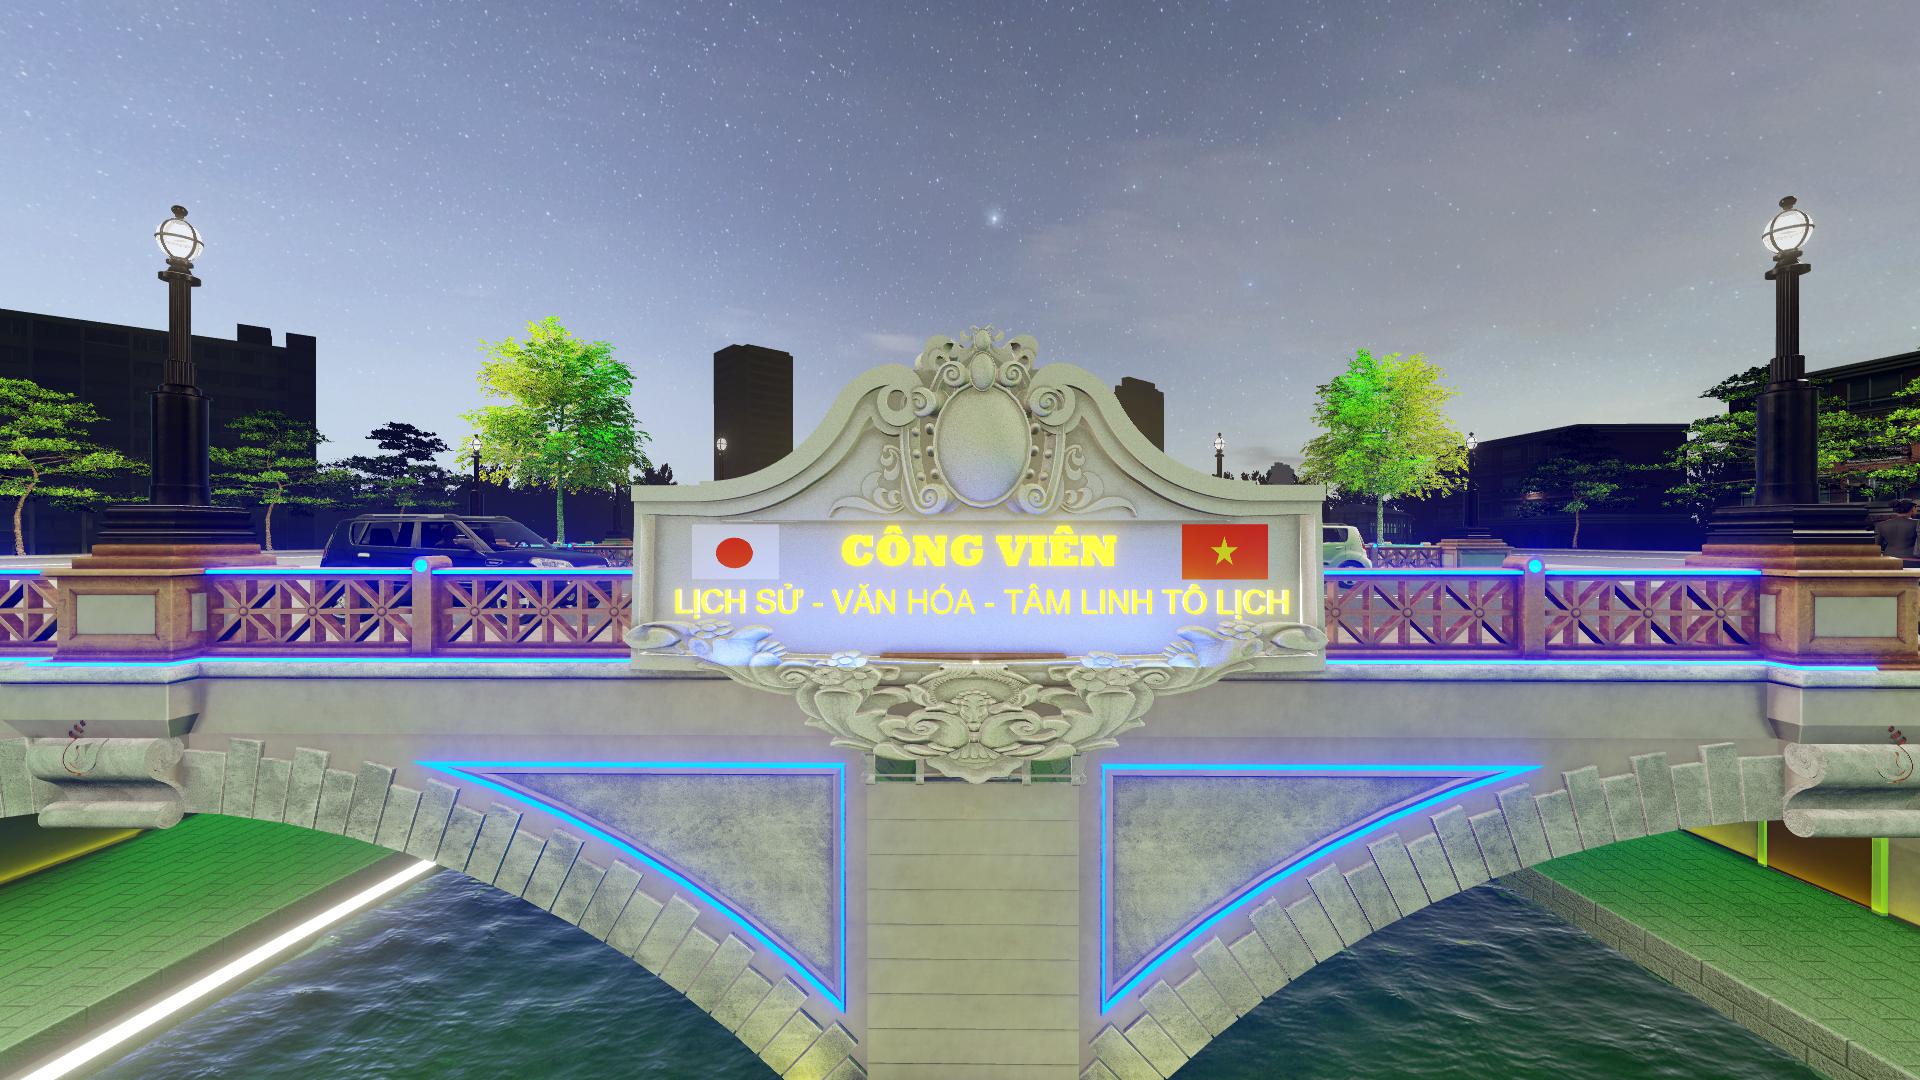 JVE: 'Công viên Lịch sử - Văn hóa - Tâm linh Tô Lịch' là dự án công ích, không tác động cư dân hai bên sông - Ảnh 3.